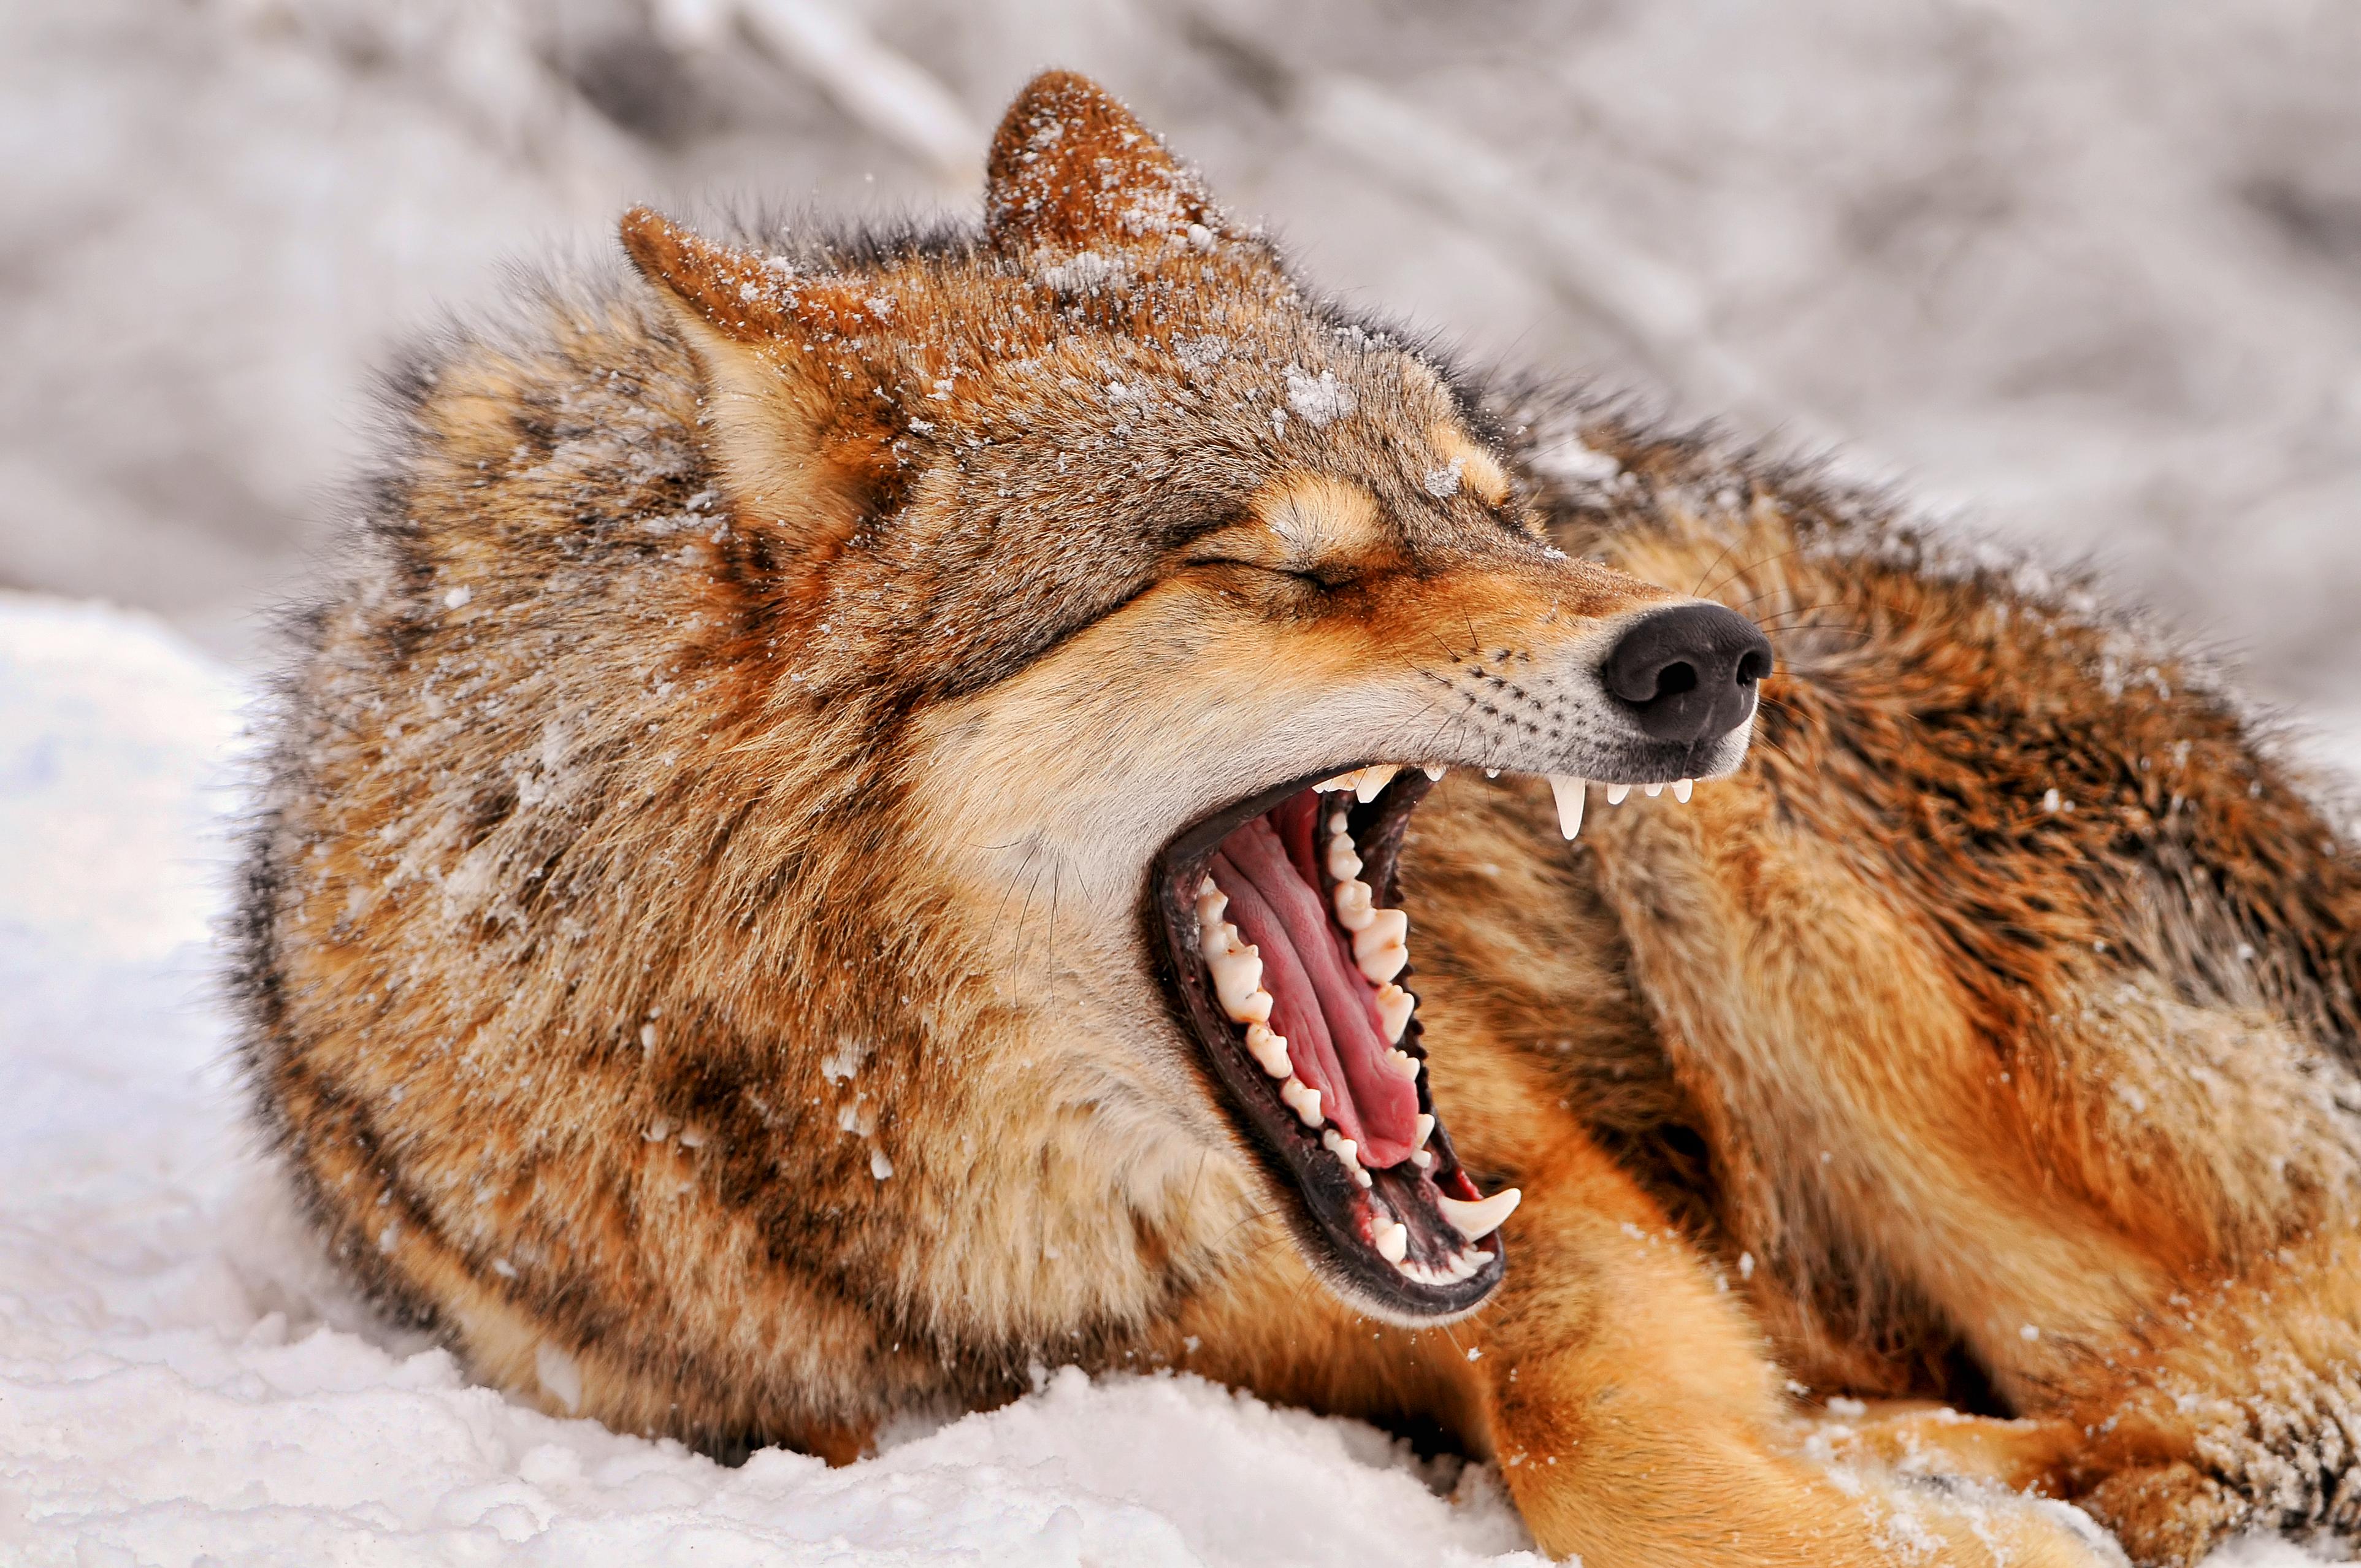 あくびをする狼の画像